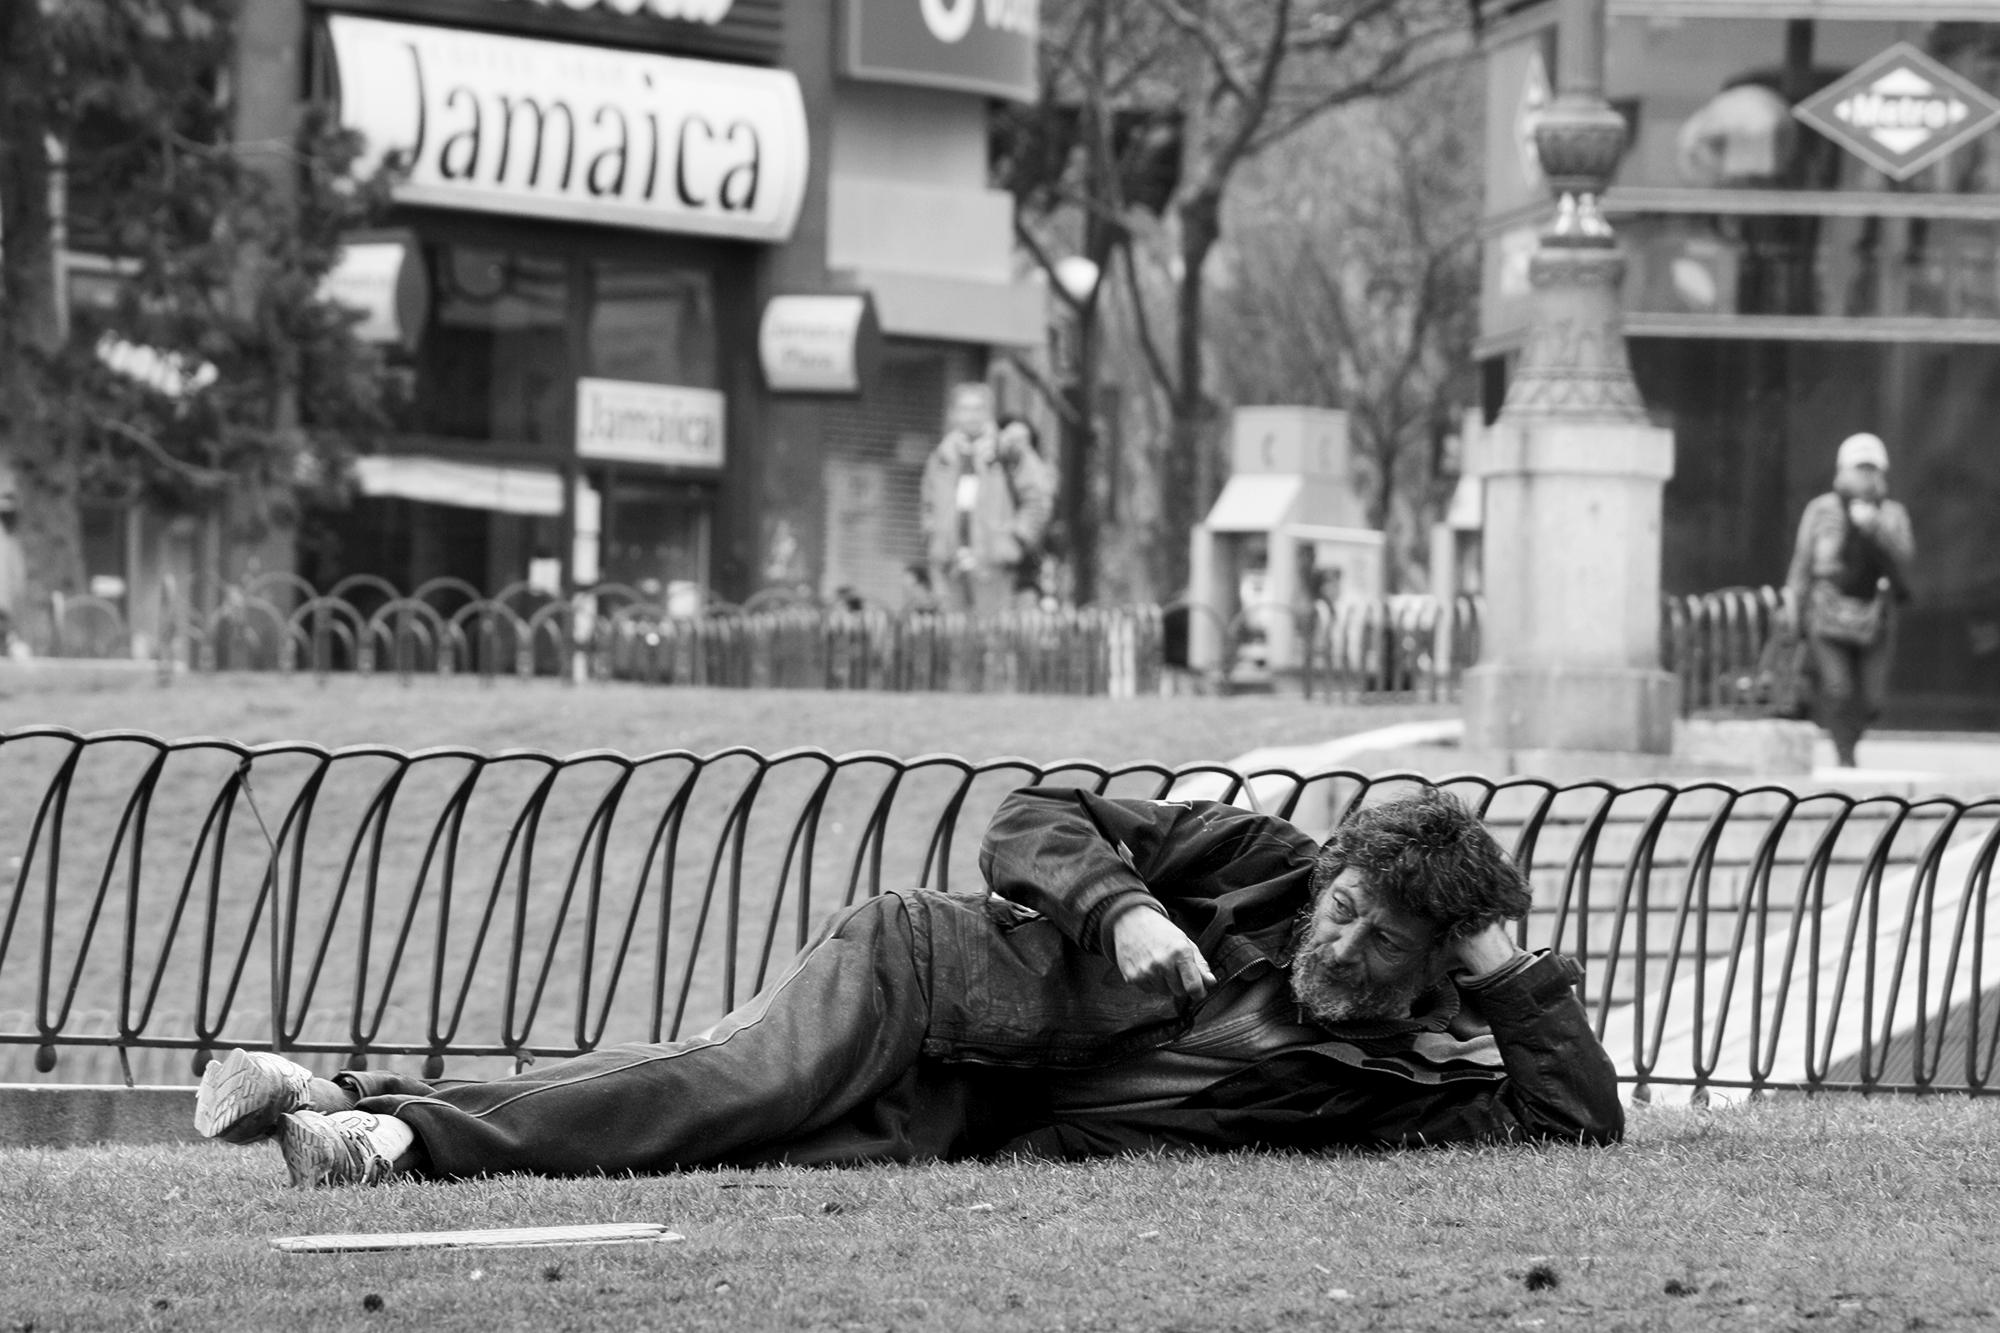 """Plano general, blanco y negro. Mendigo tumbado en un parque. De fondo el cartel de un bar que se llama. """"Jamaica"""""""